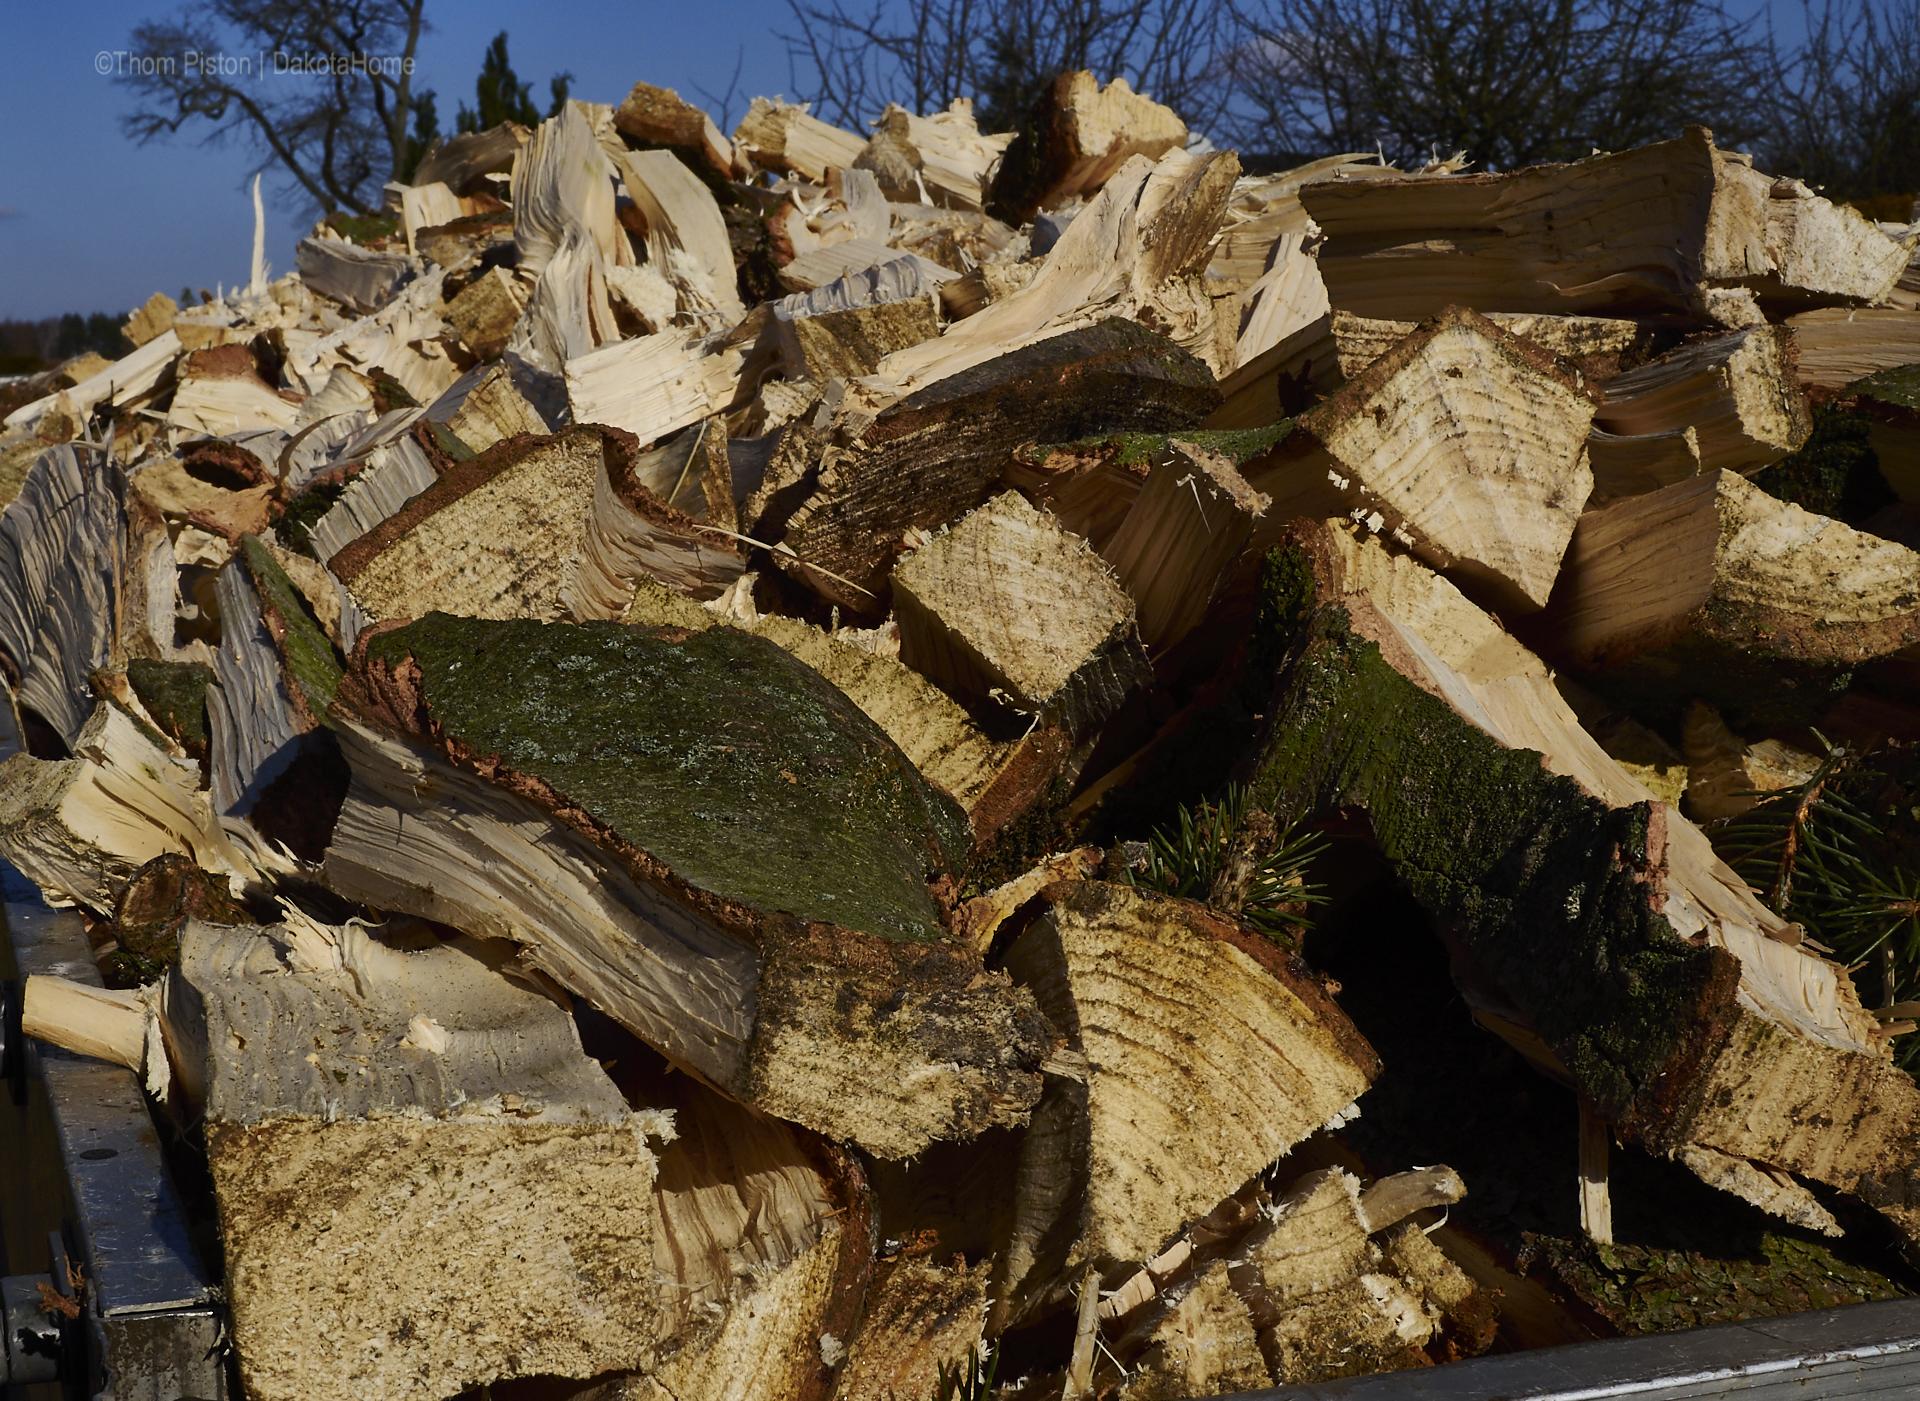 Holz abladen für den Winter 2020/21